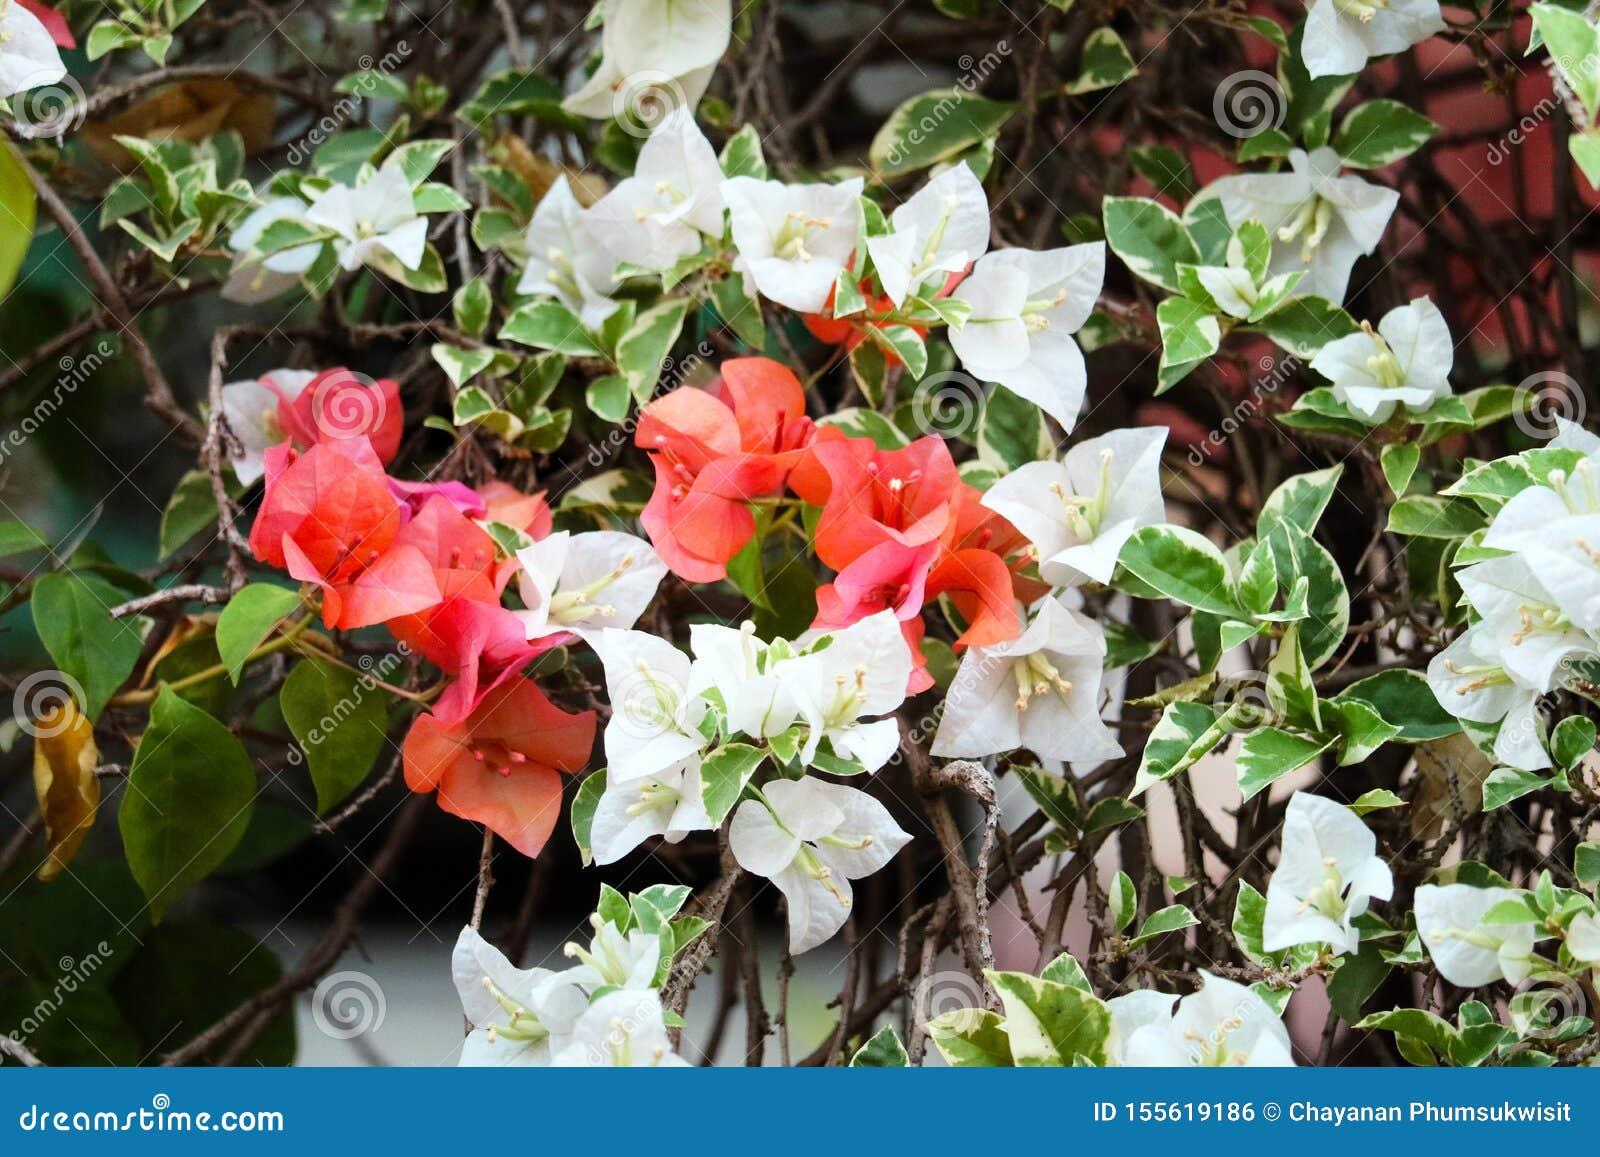 Bougainvillea flower blooming in garden blur green leaves